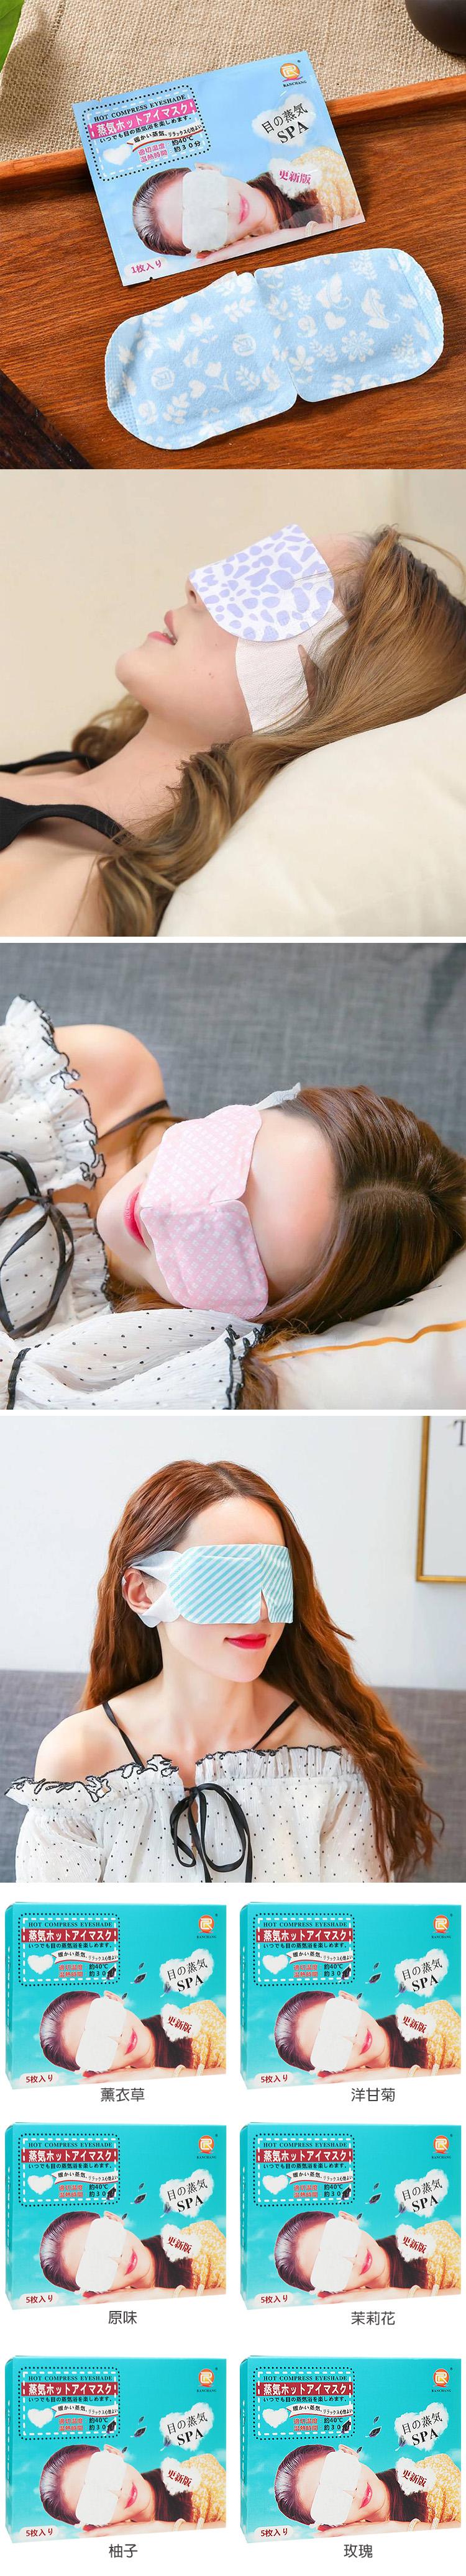 眼部保養 蒸氣眼罩 舒緩 蒸氣眼罩 眼部保養 舒緩 蒸氣眼罩